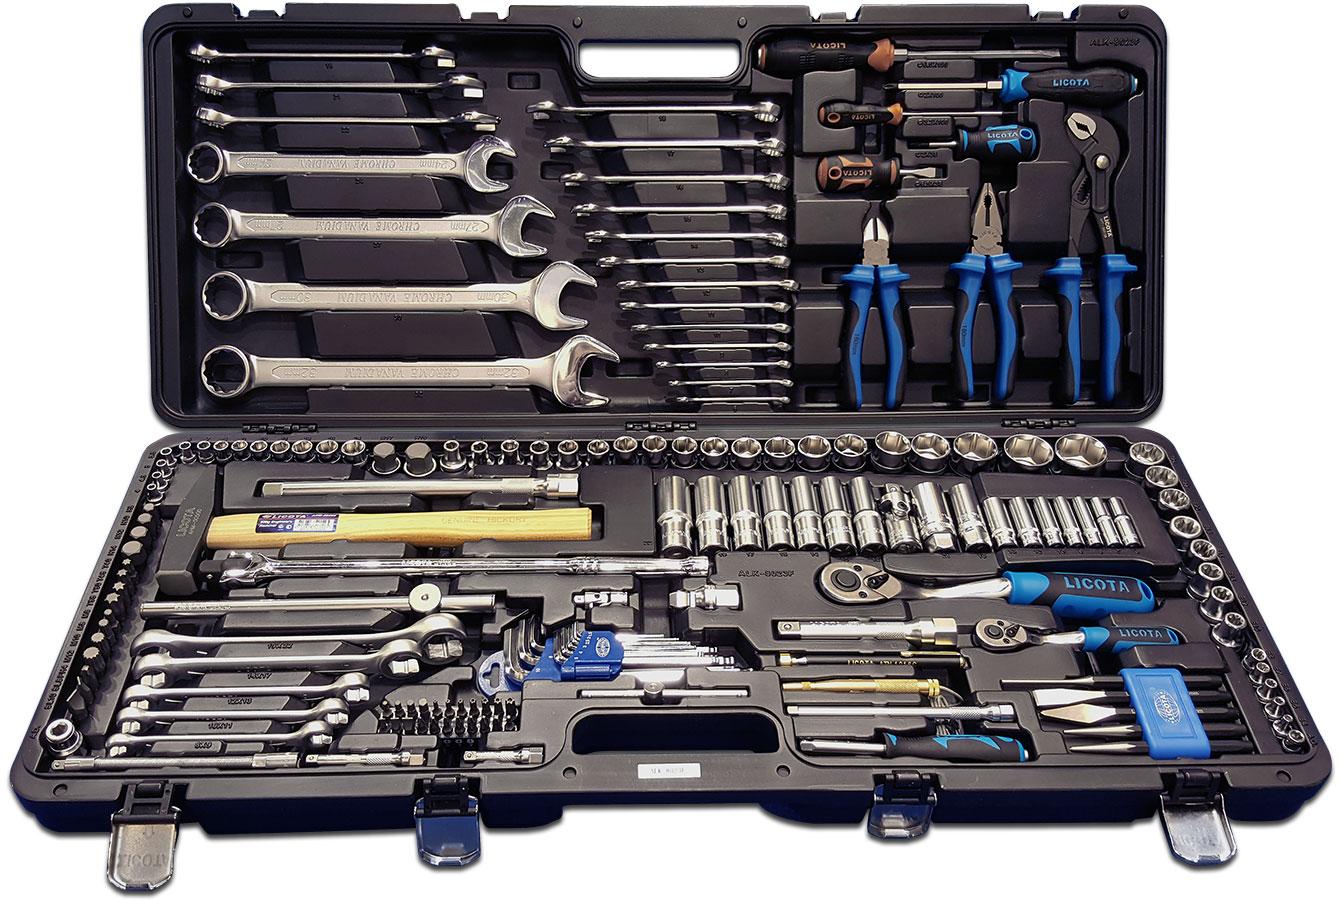 Наборы инструментов Ombra, купить наборы в кейсах по ...